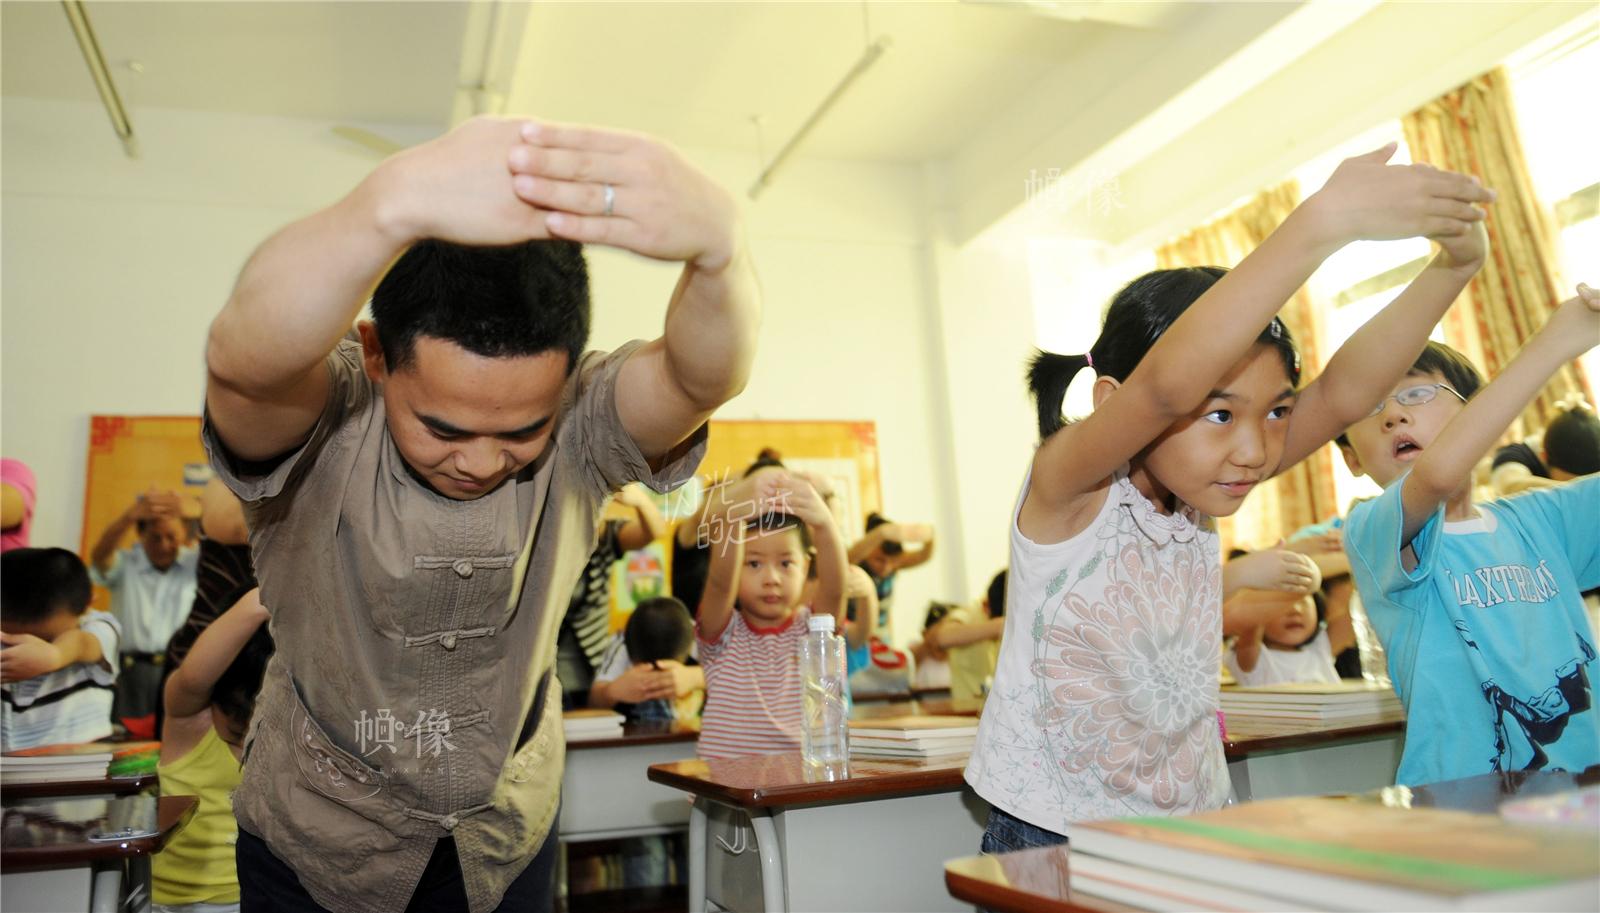 2009年7月4日,厦门市青少年宫暑期培训首个授课日,国学班上,国学老师教幼儿园孩子学孔子礼仪,拱手作揖拜师。东方IC